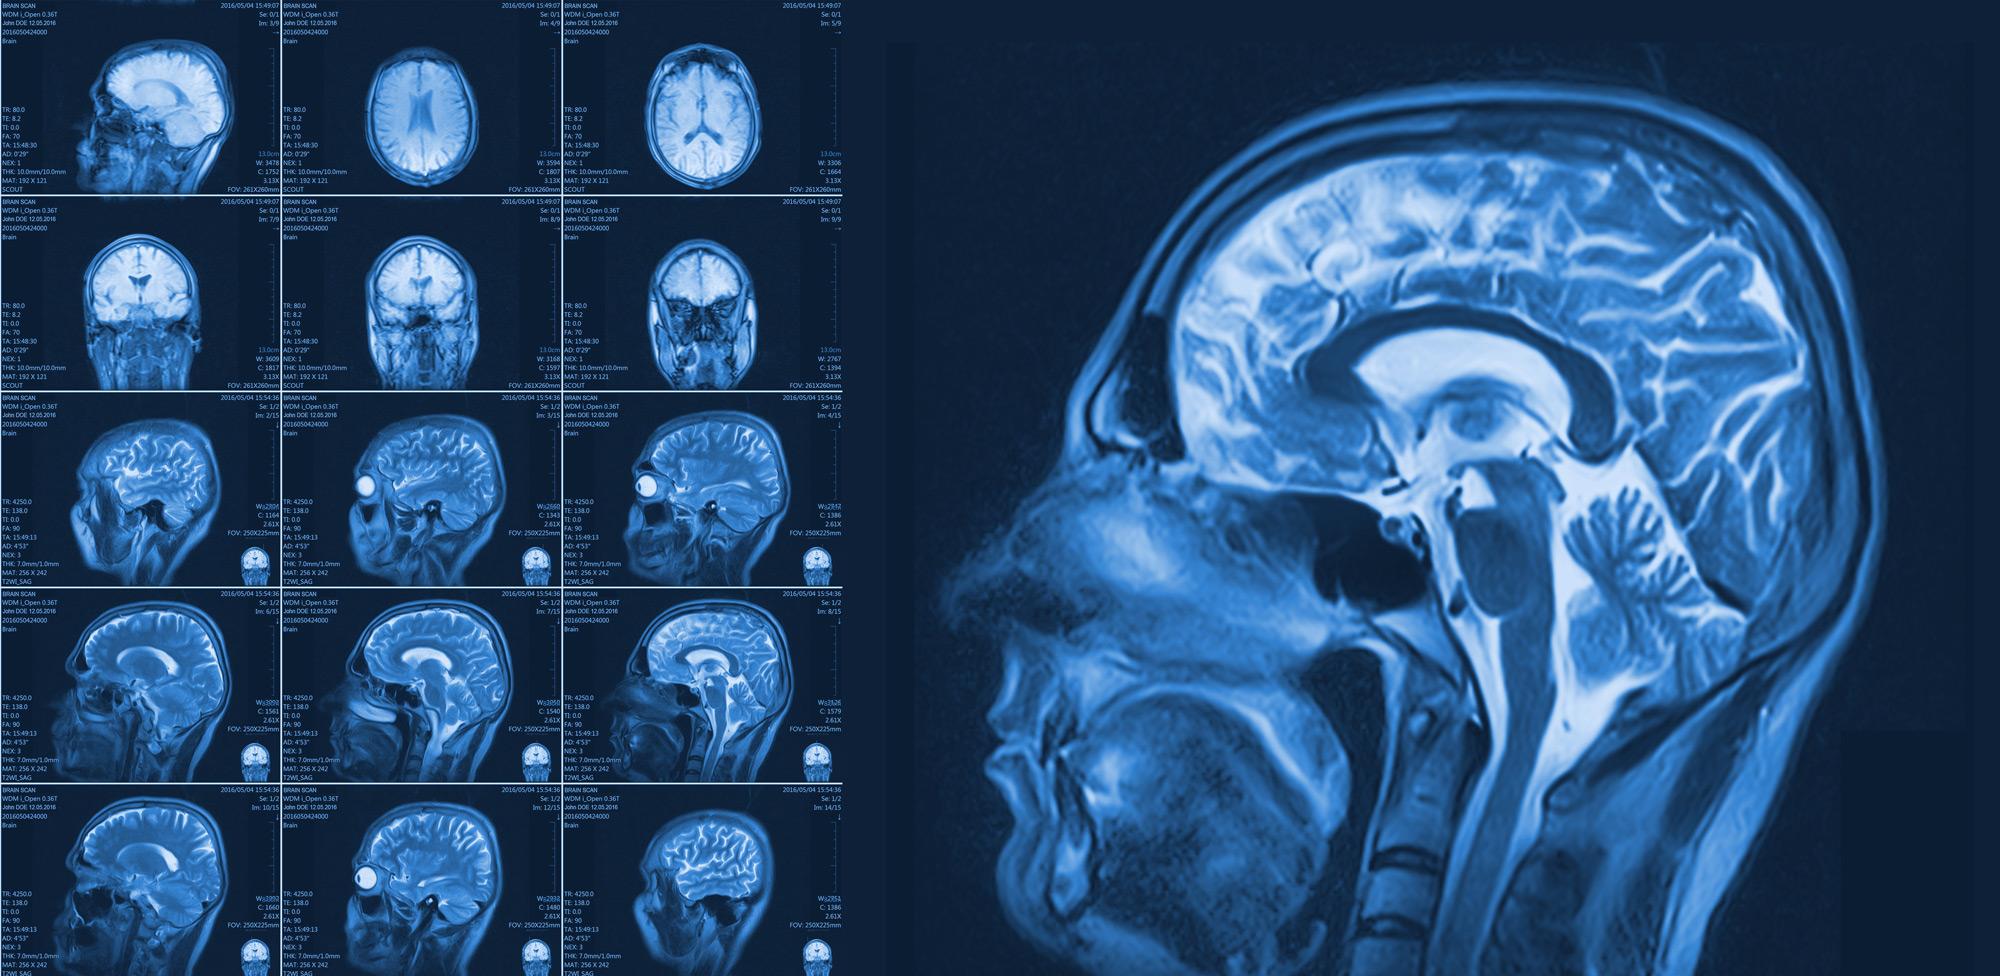 أشعة الرنين المغناطيسي على المخ